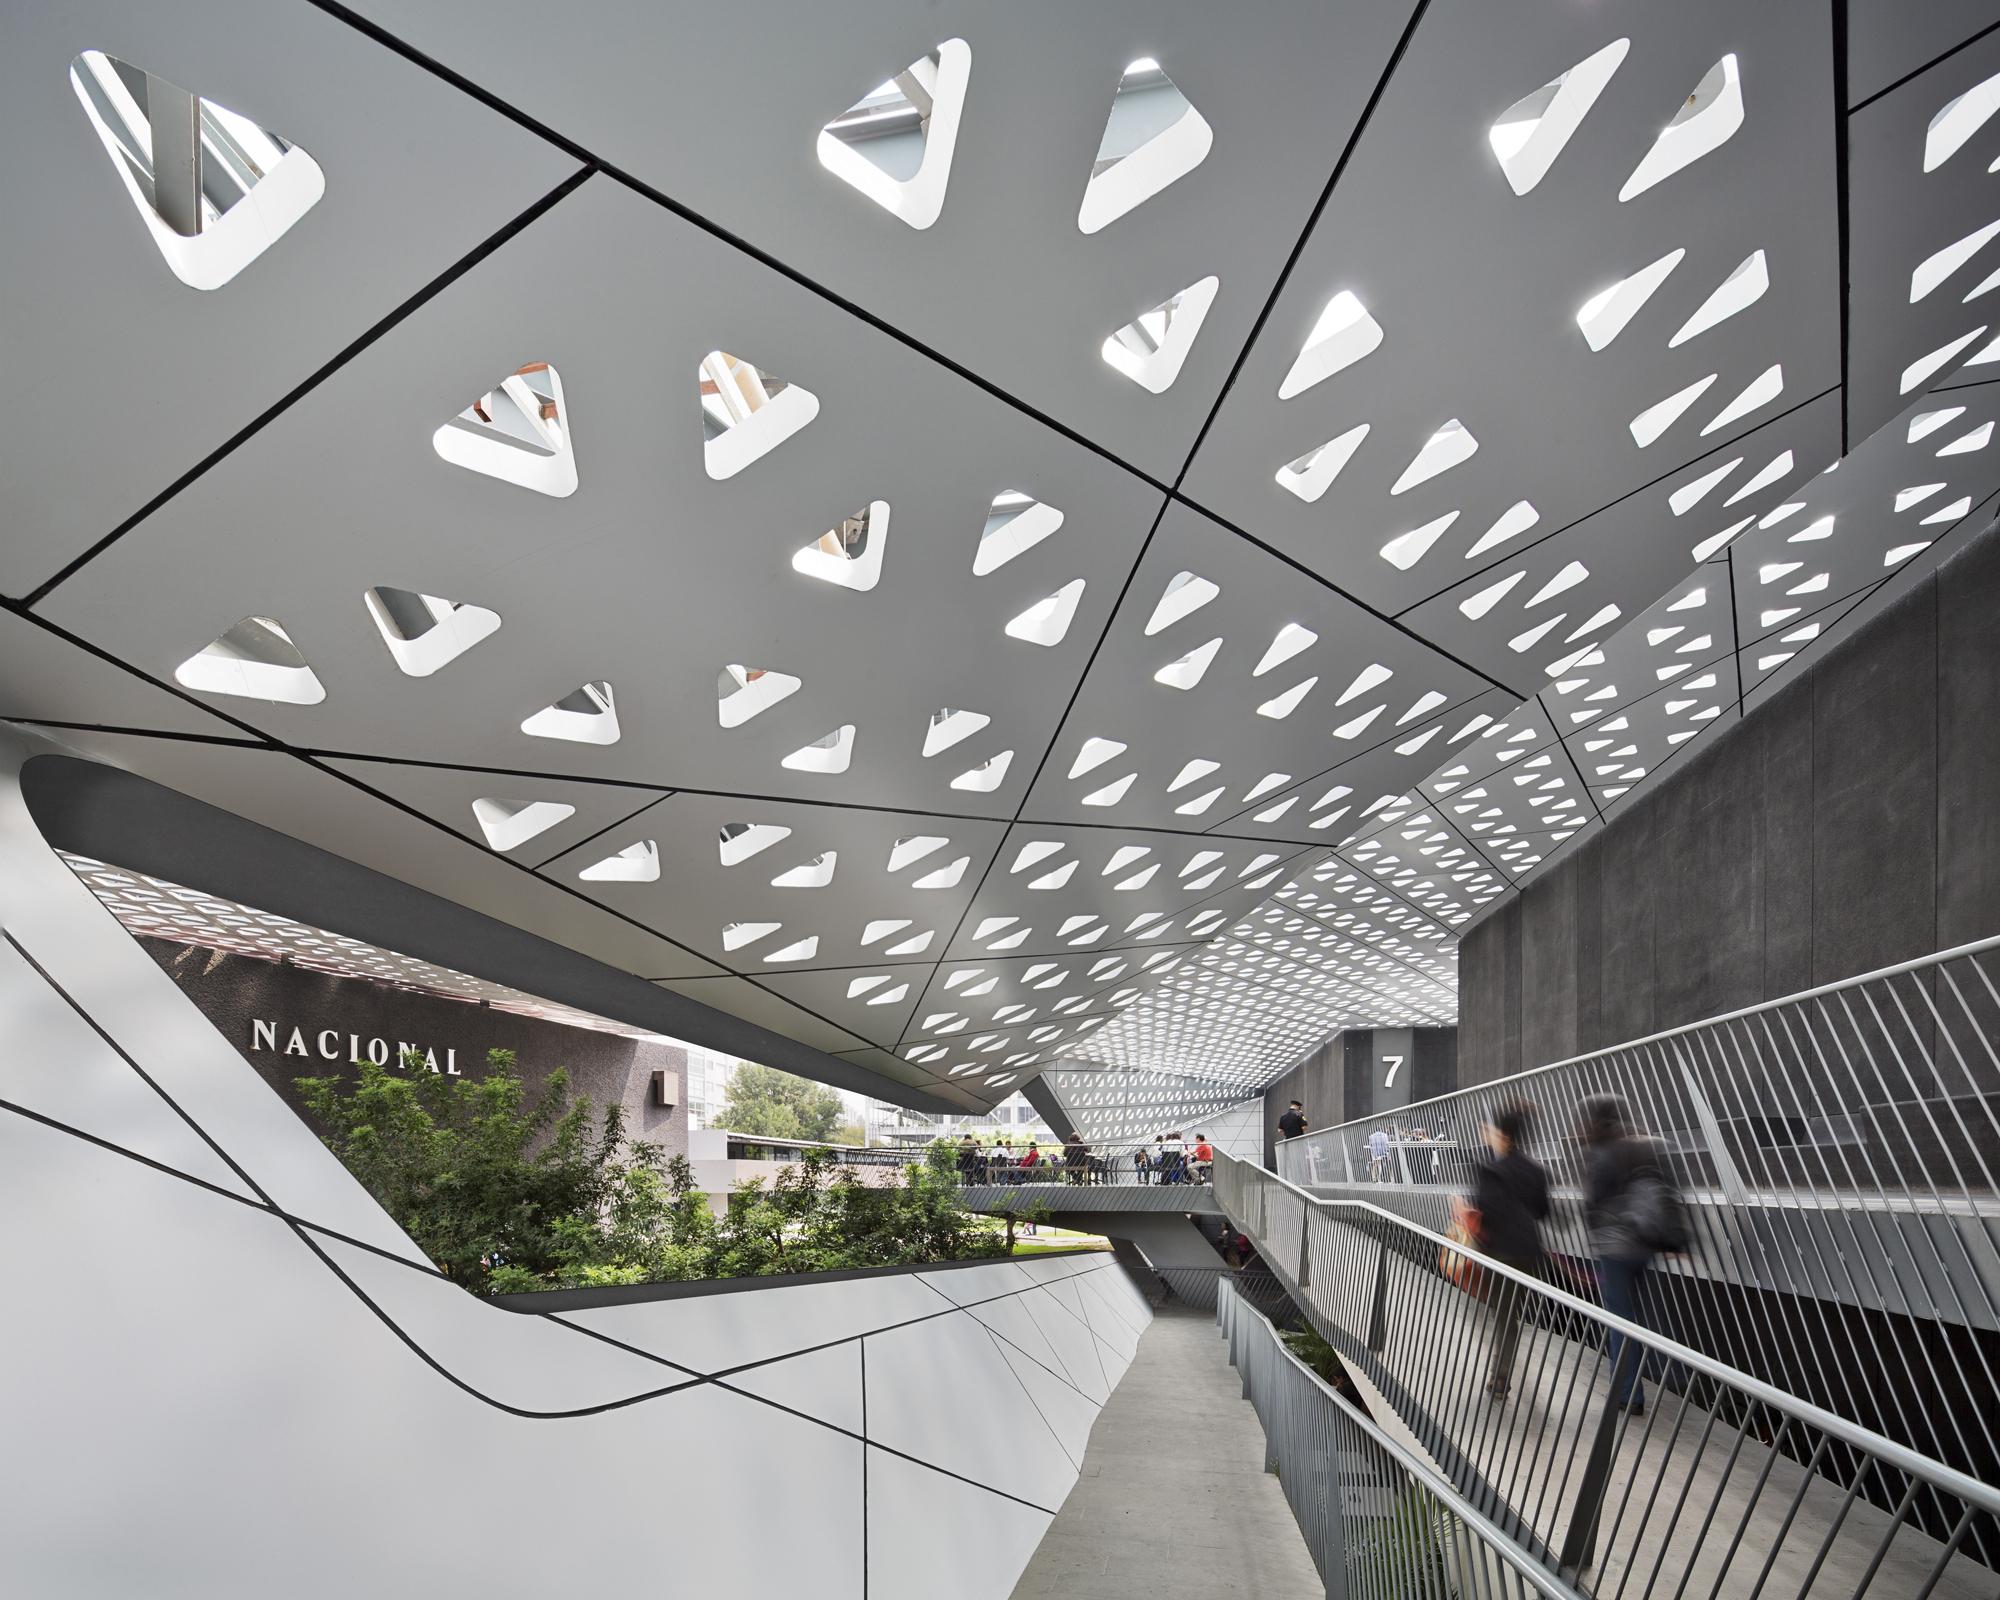 Cineteca nacional rojkind arquitectos - Arquitectos en bilbao ...